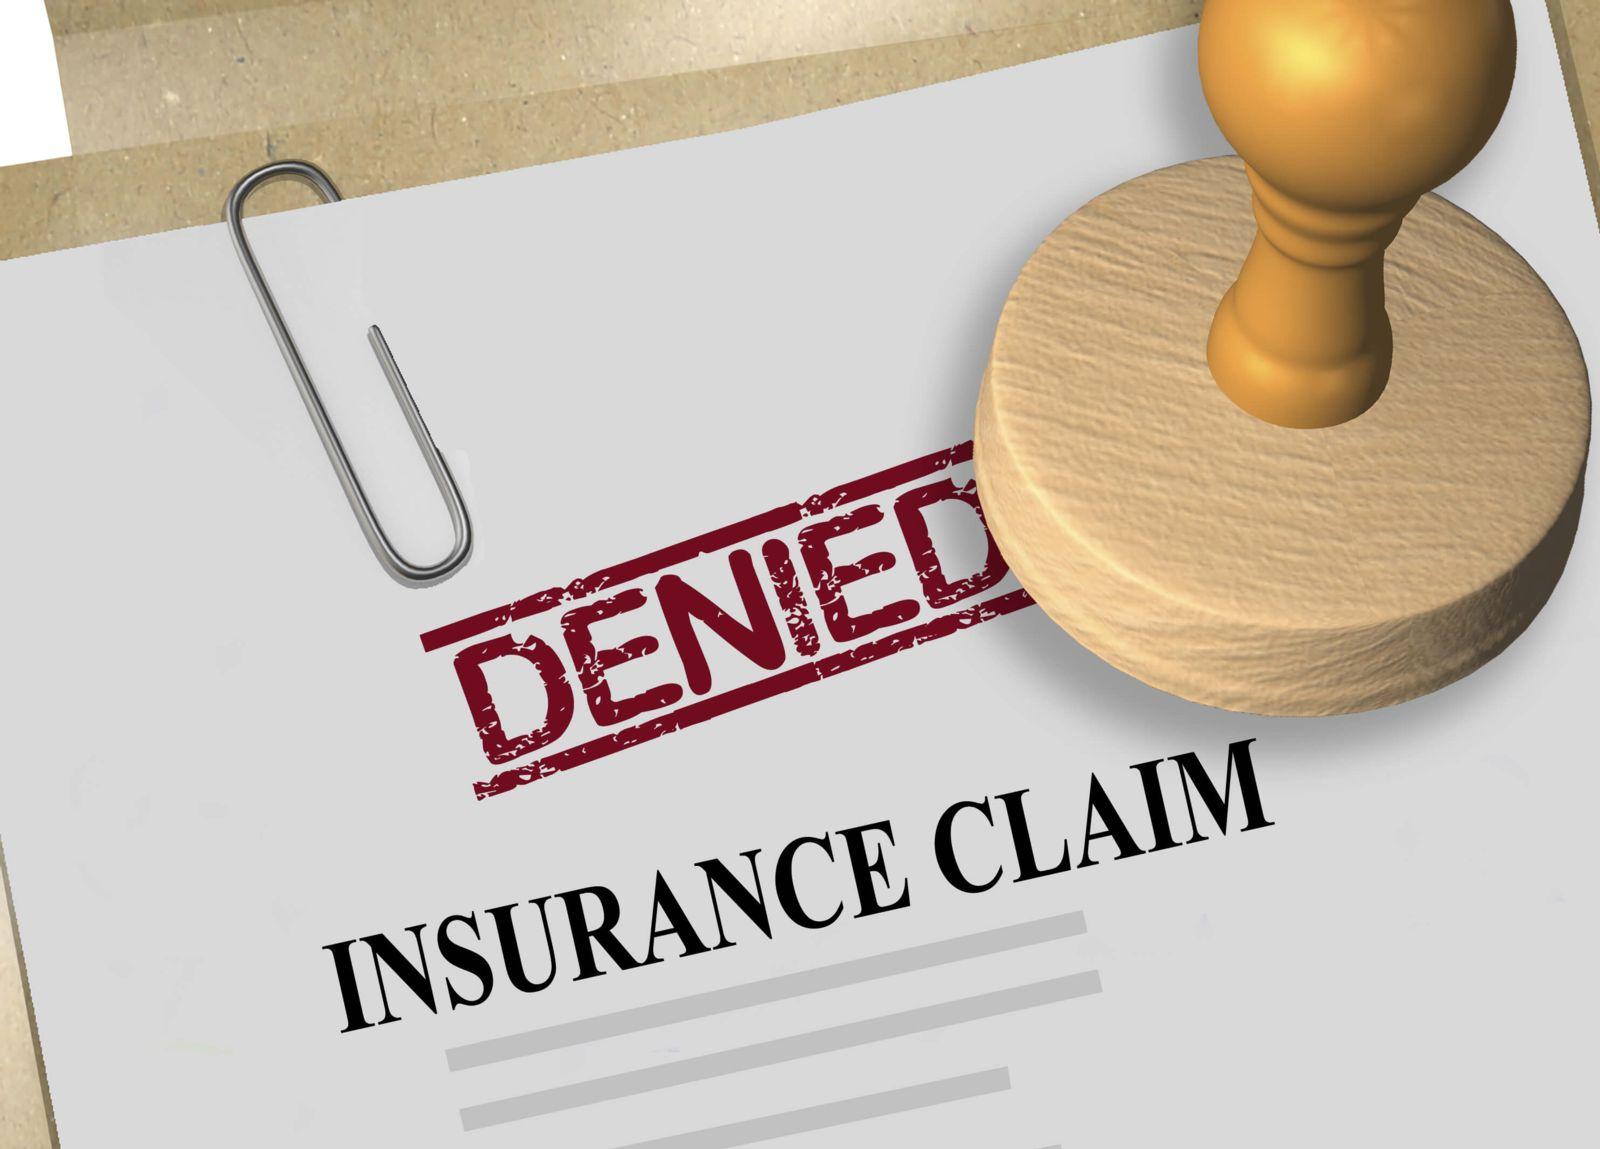 Denied Insurance Company Claims